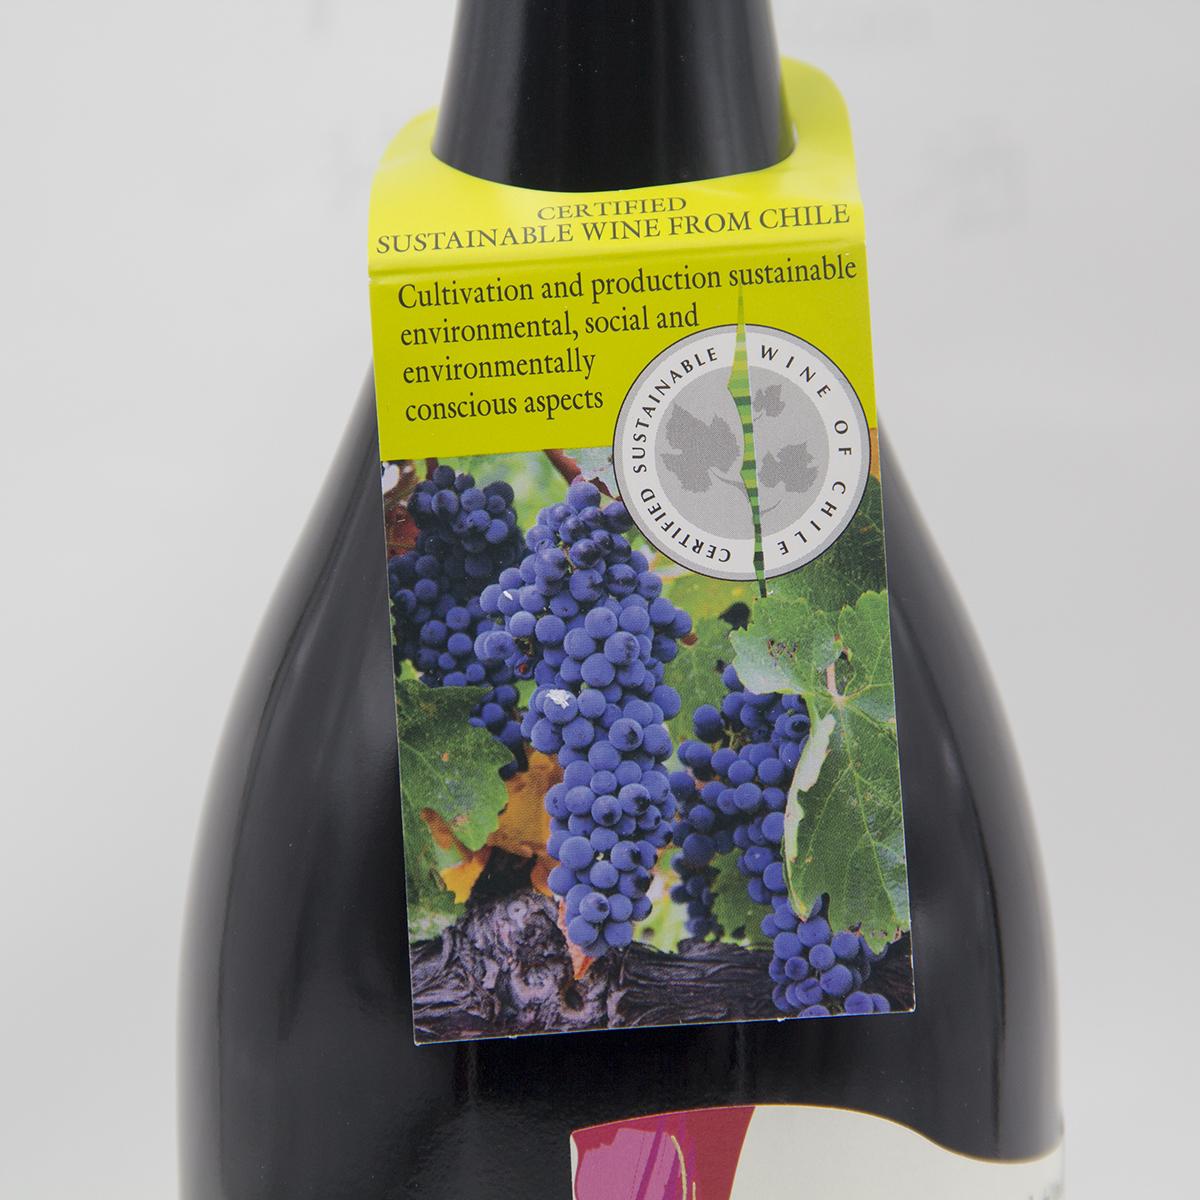 瓦帕珍藏西拉红葡萄酒(有机葡萄酒)